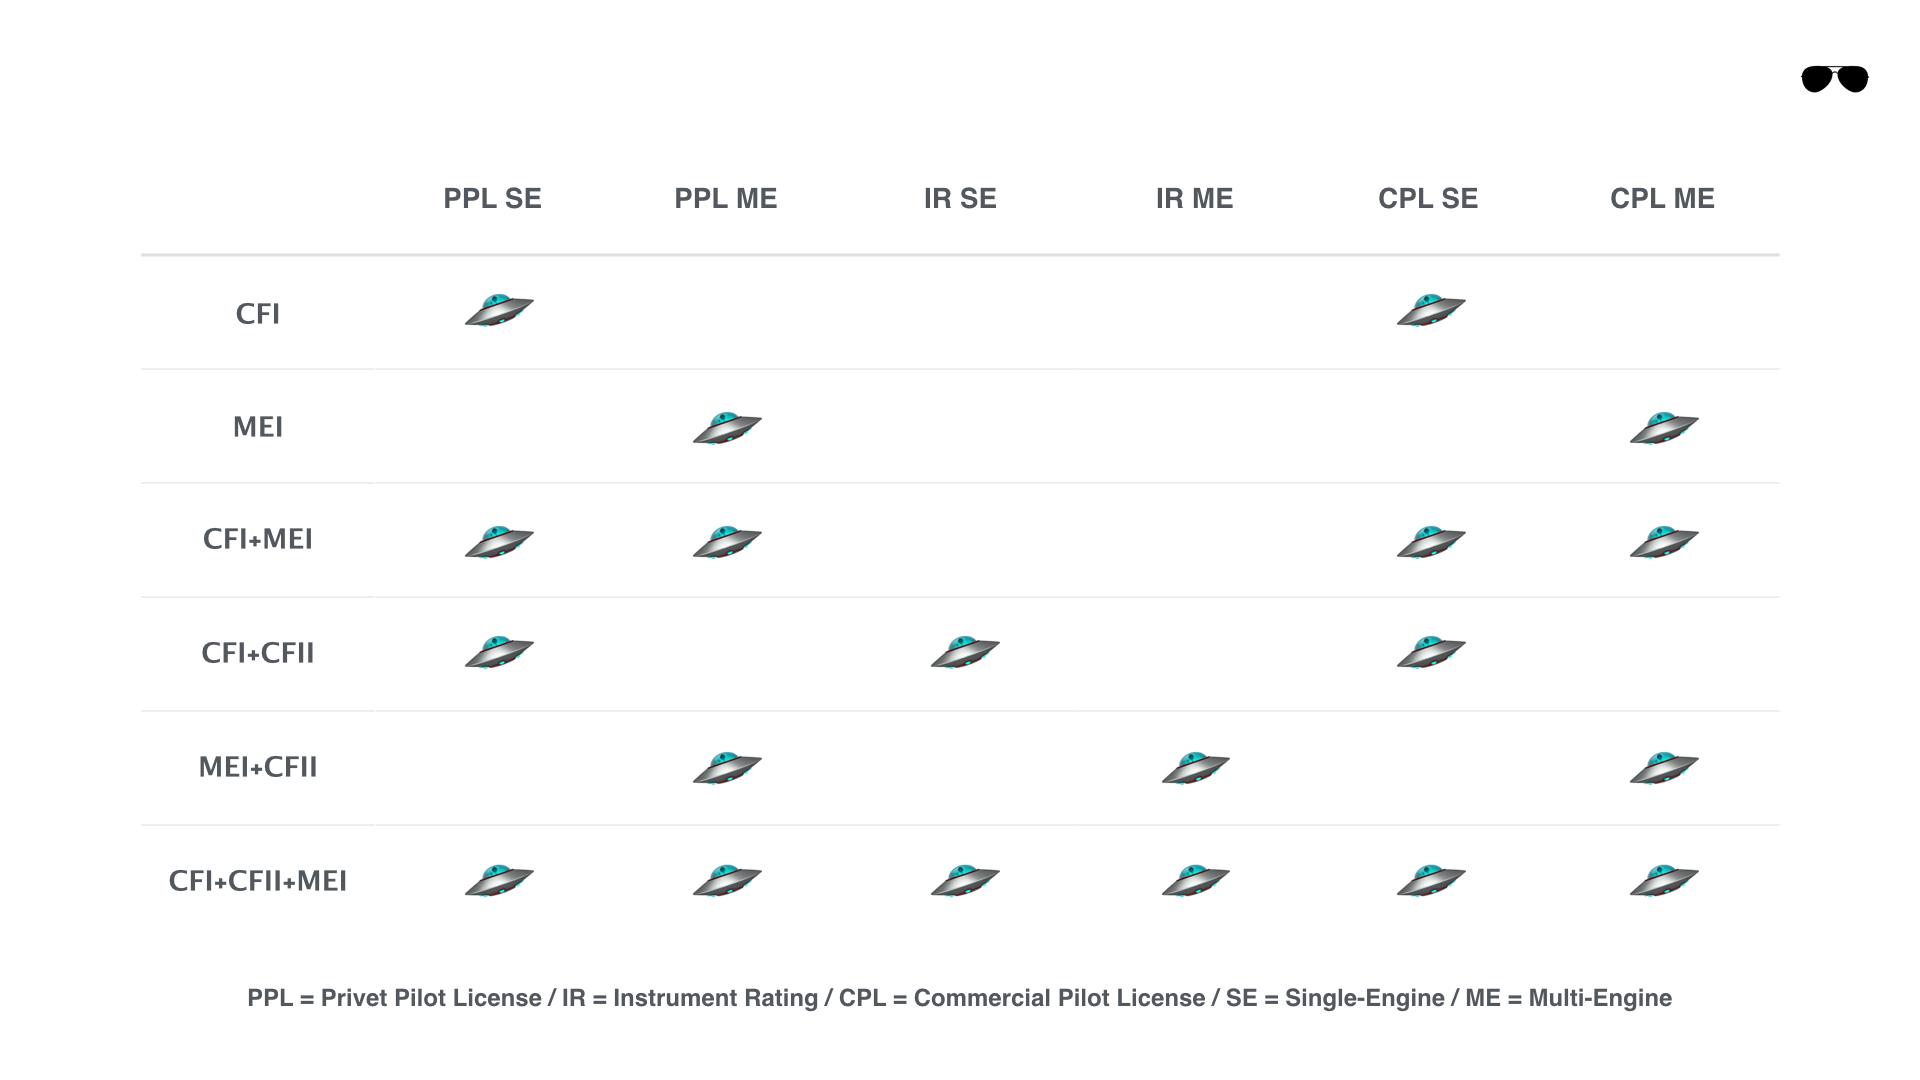 קורס טיס אזרחי חלק ג׳ - סוגי רישיונות הדרכה